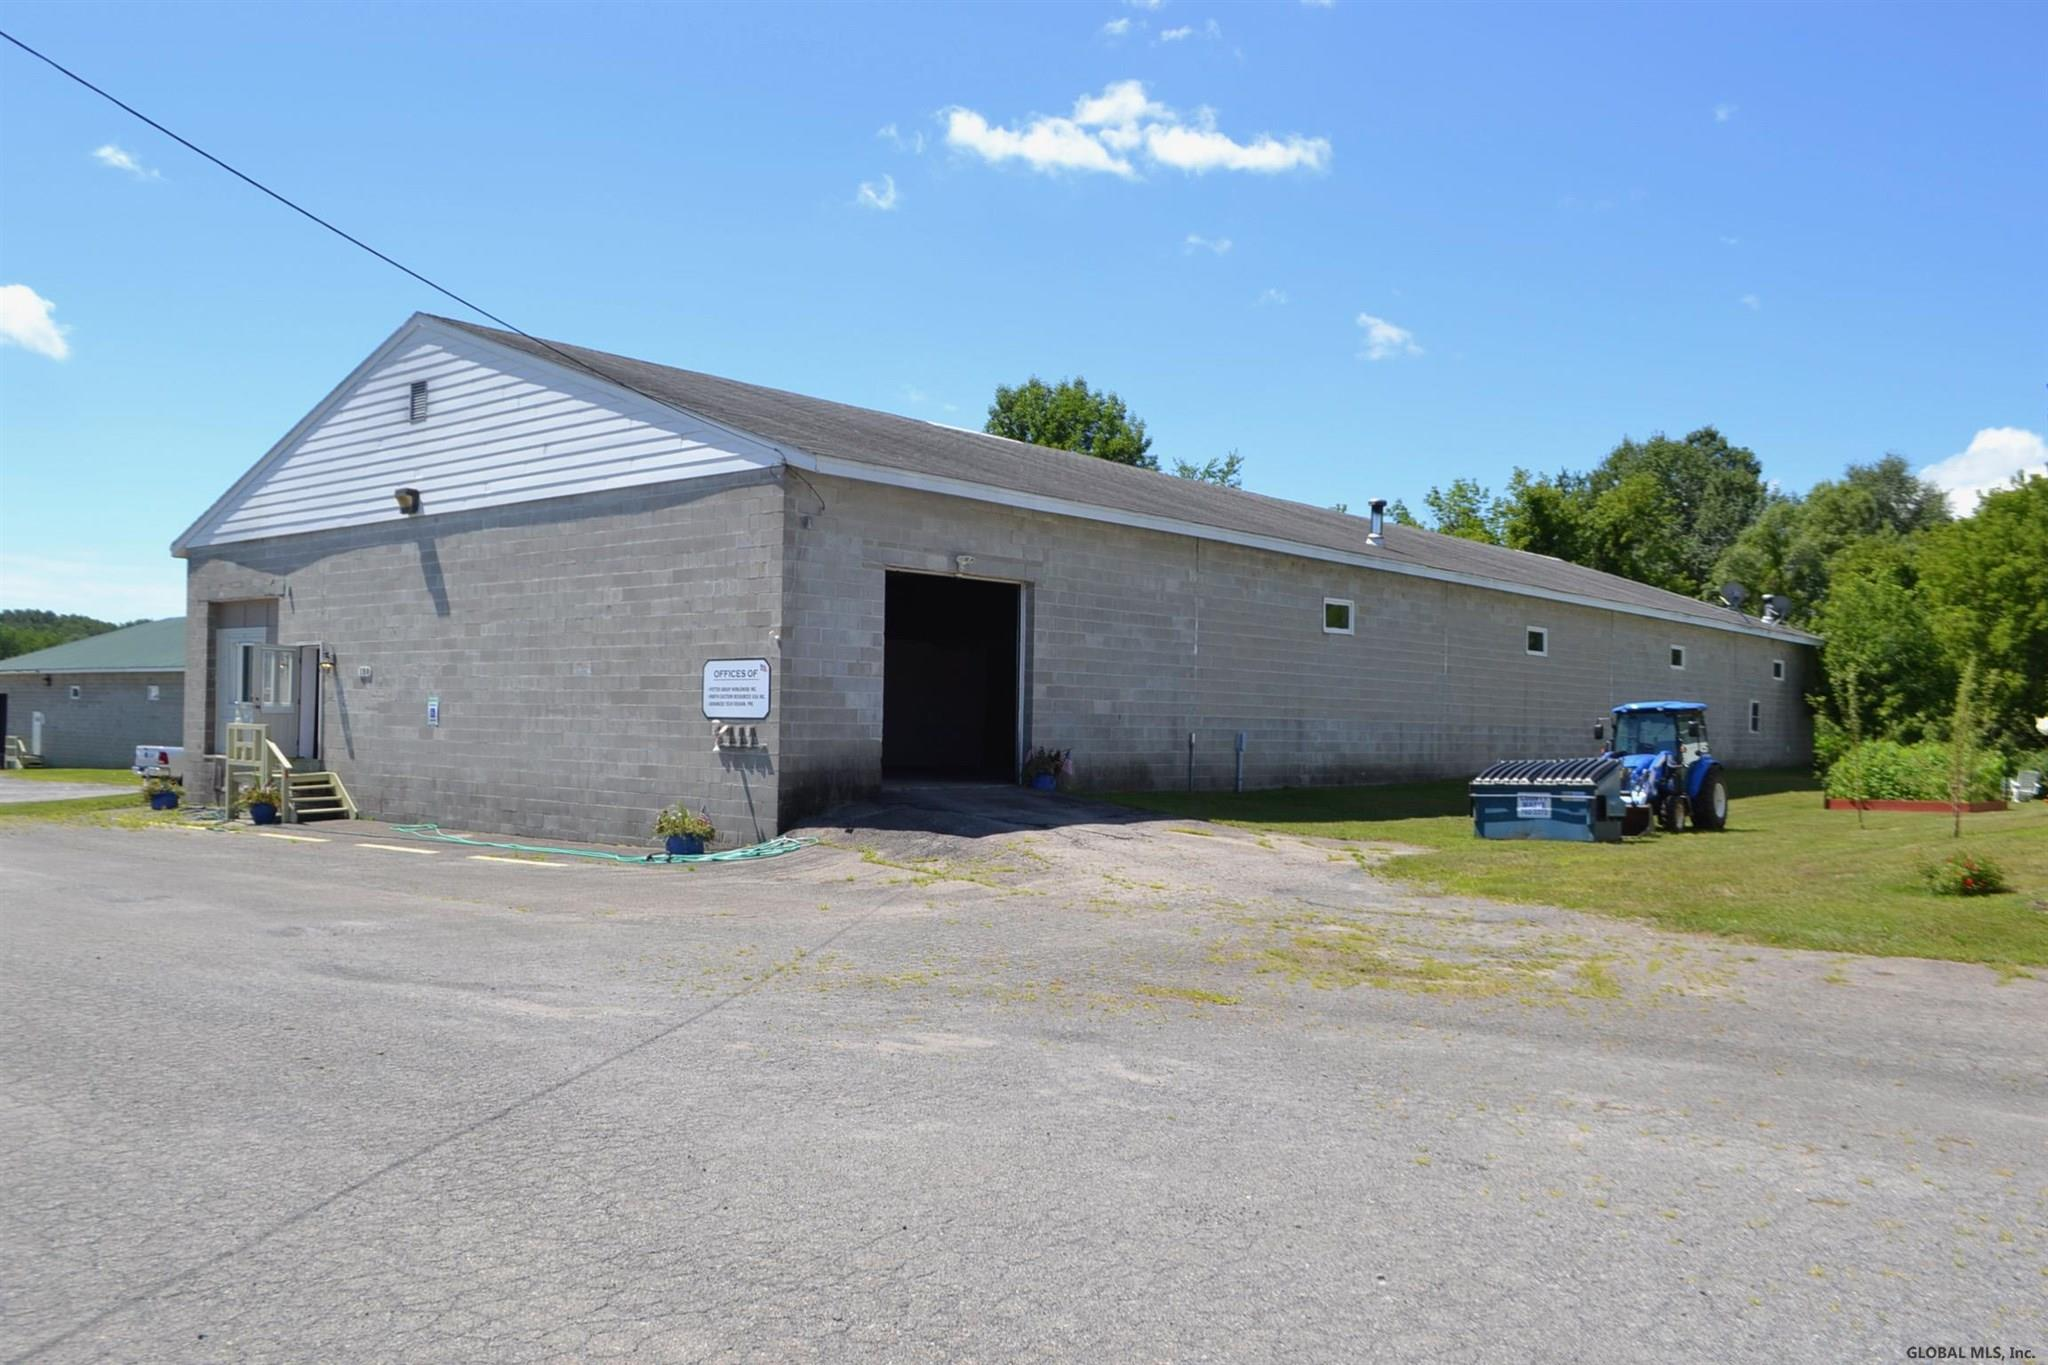 Gloversville image 9